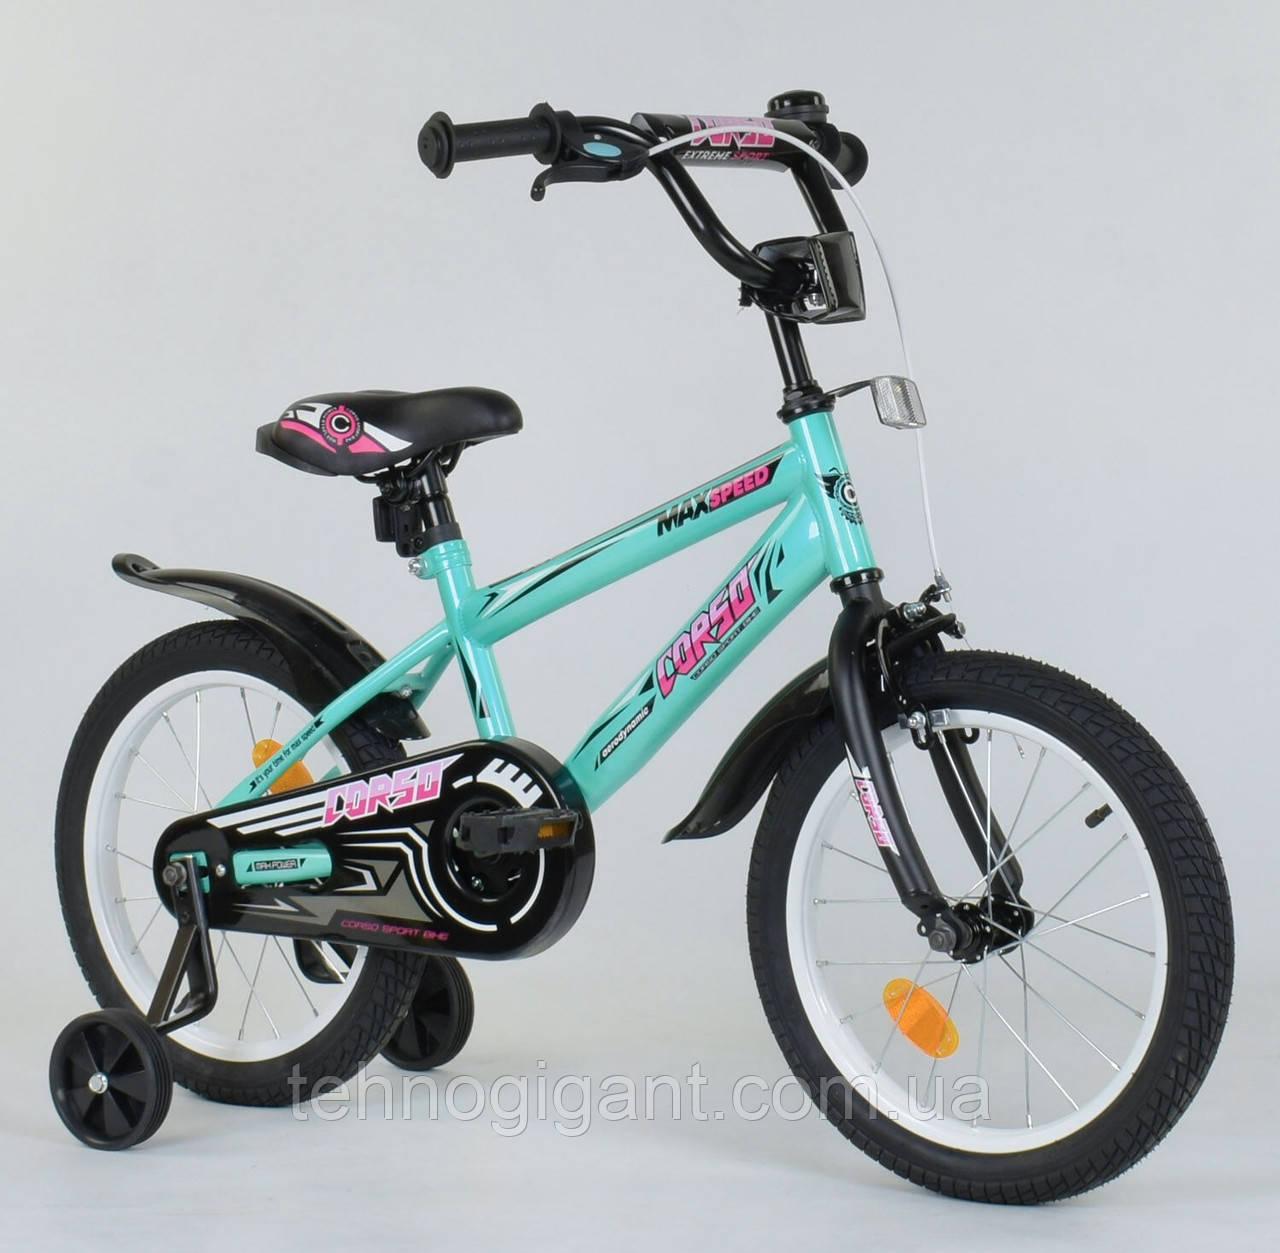 Двухколесный детский велосипед 16 дюймов Corso ЕХ-16 N 5171 Бирюзовый, 4-6 лет, боковые колеса, ручной тормоз